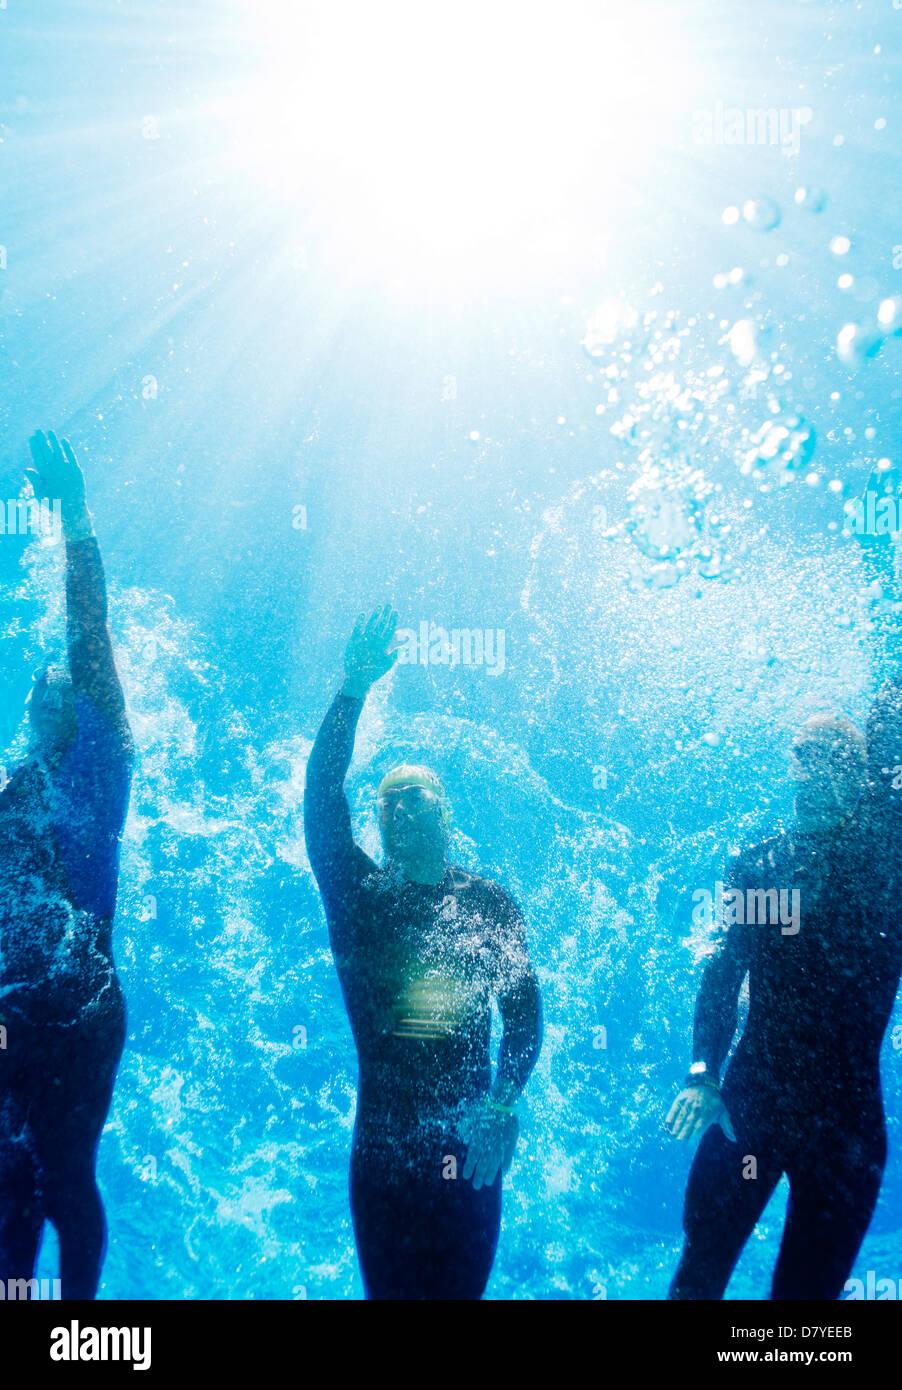 Triatleti nella muta subacquea Foto Stock